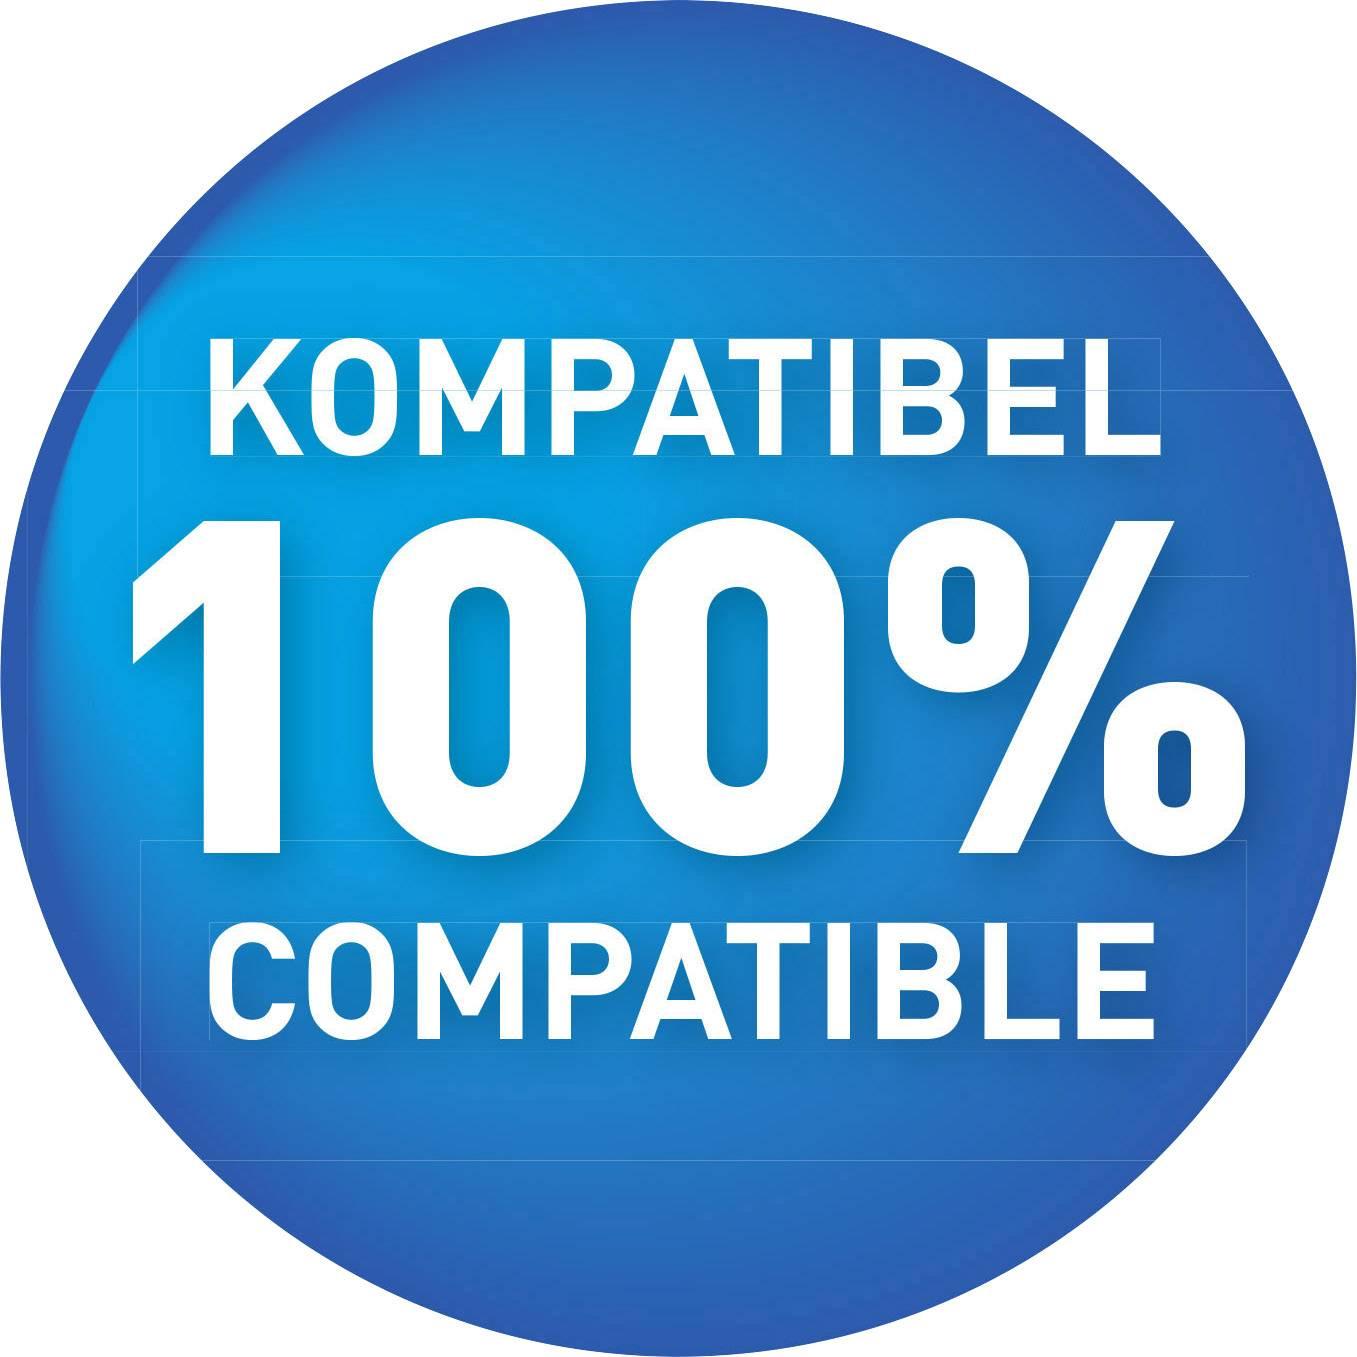 Kompatibilná sada 2 ks. náplní do tlačiarne KMP E107D 1607,4021, čierna